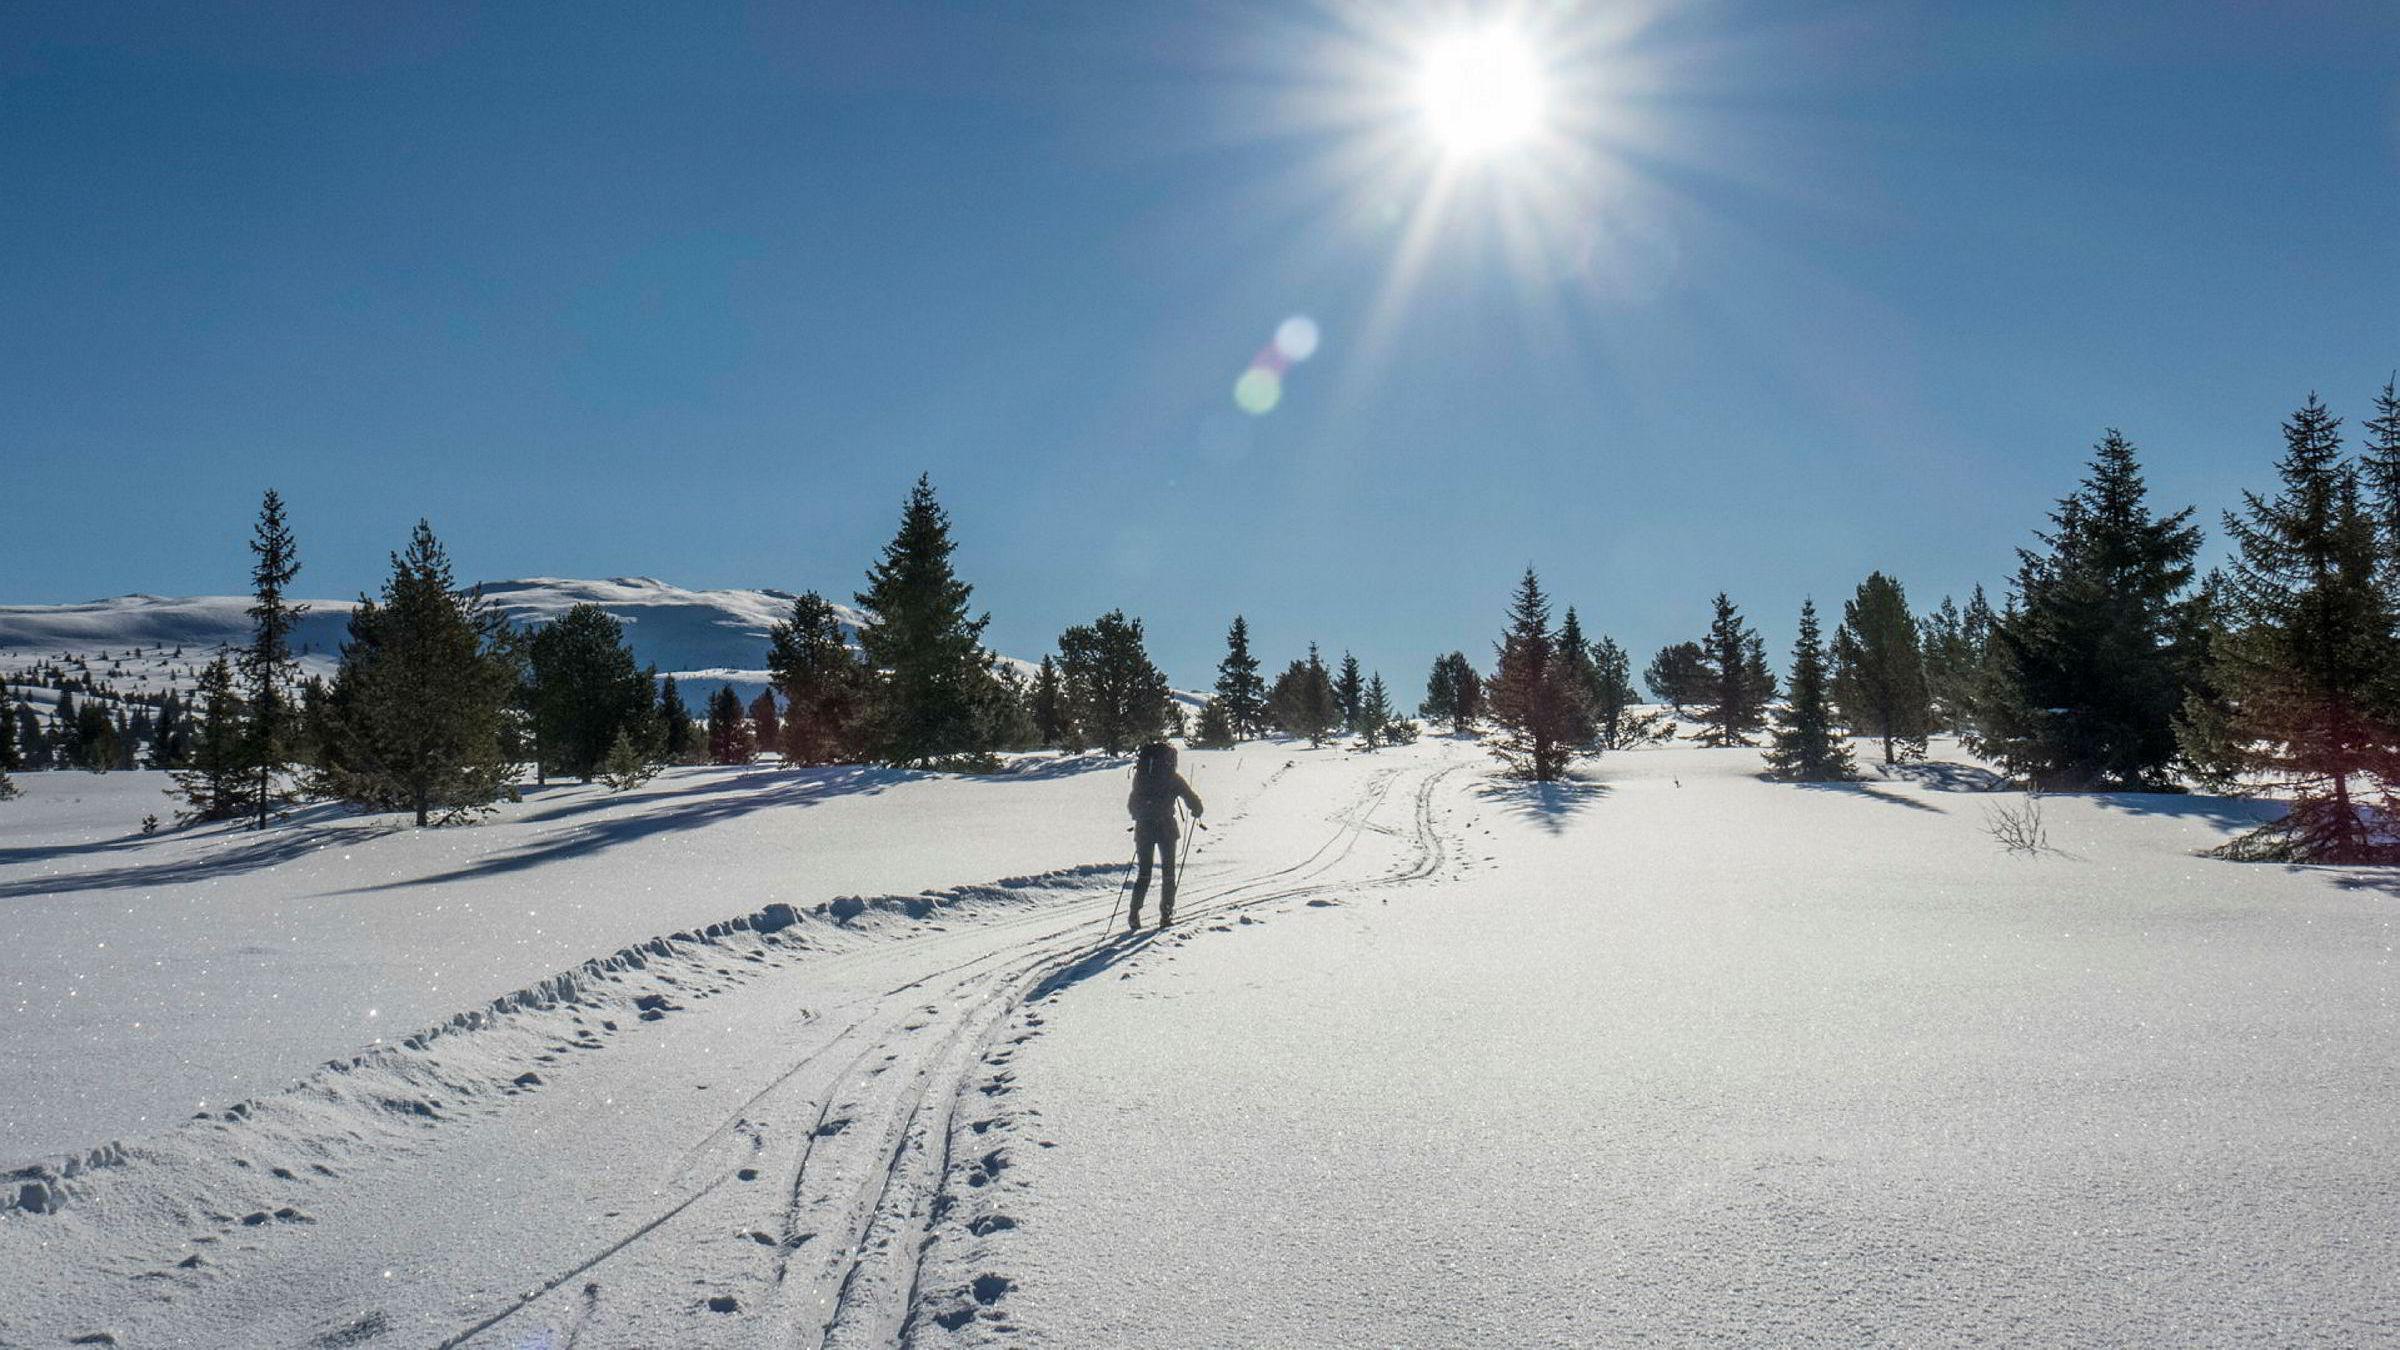 Regjeringen åpner for nye endringer i motorferdselsloven. Det får paraplyorganisasjonen Norsk friluftsliv til å reagere.